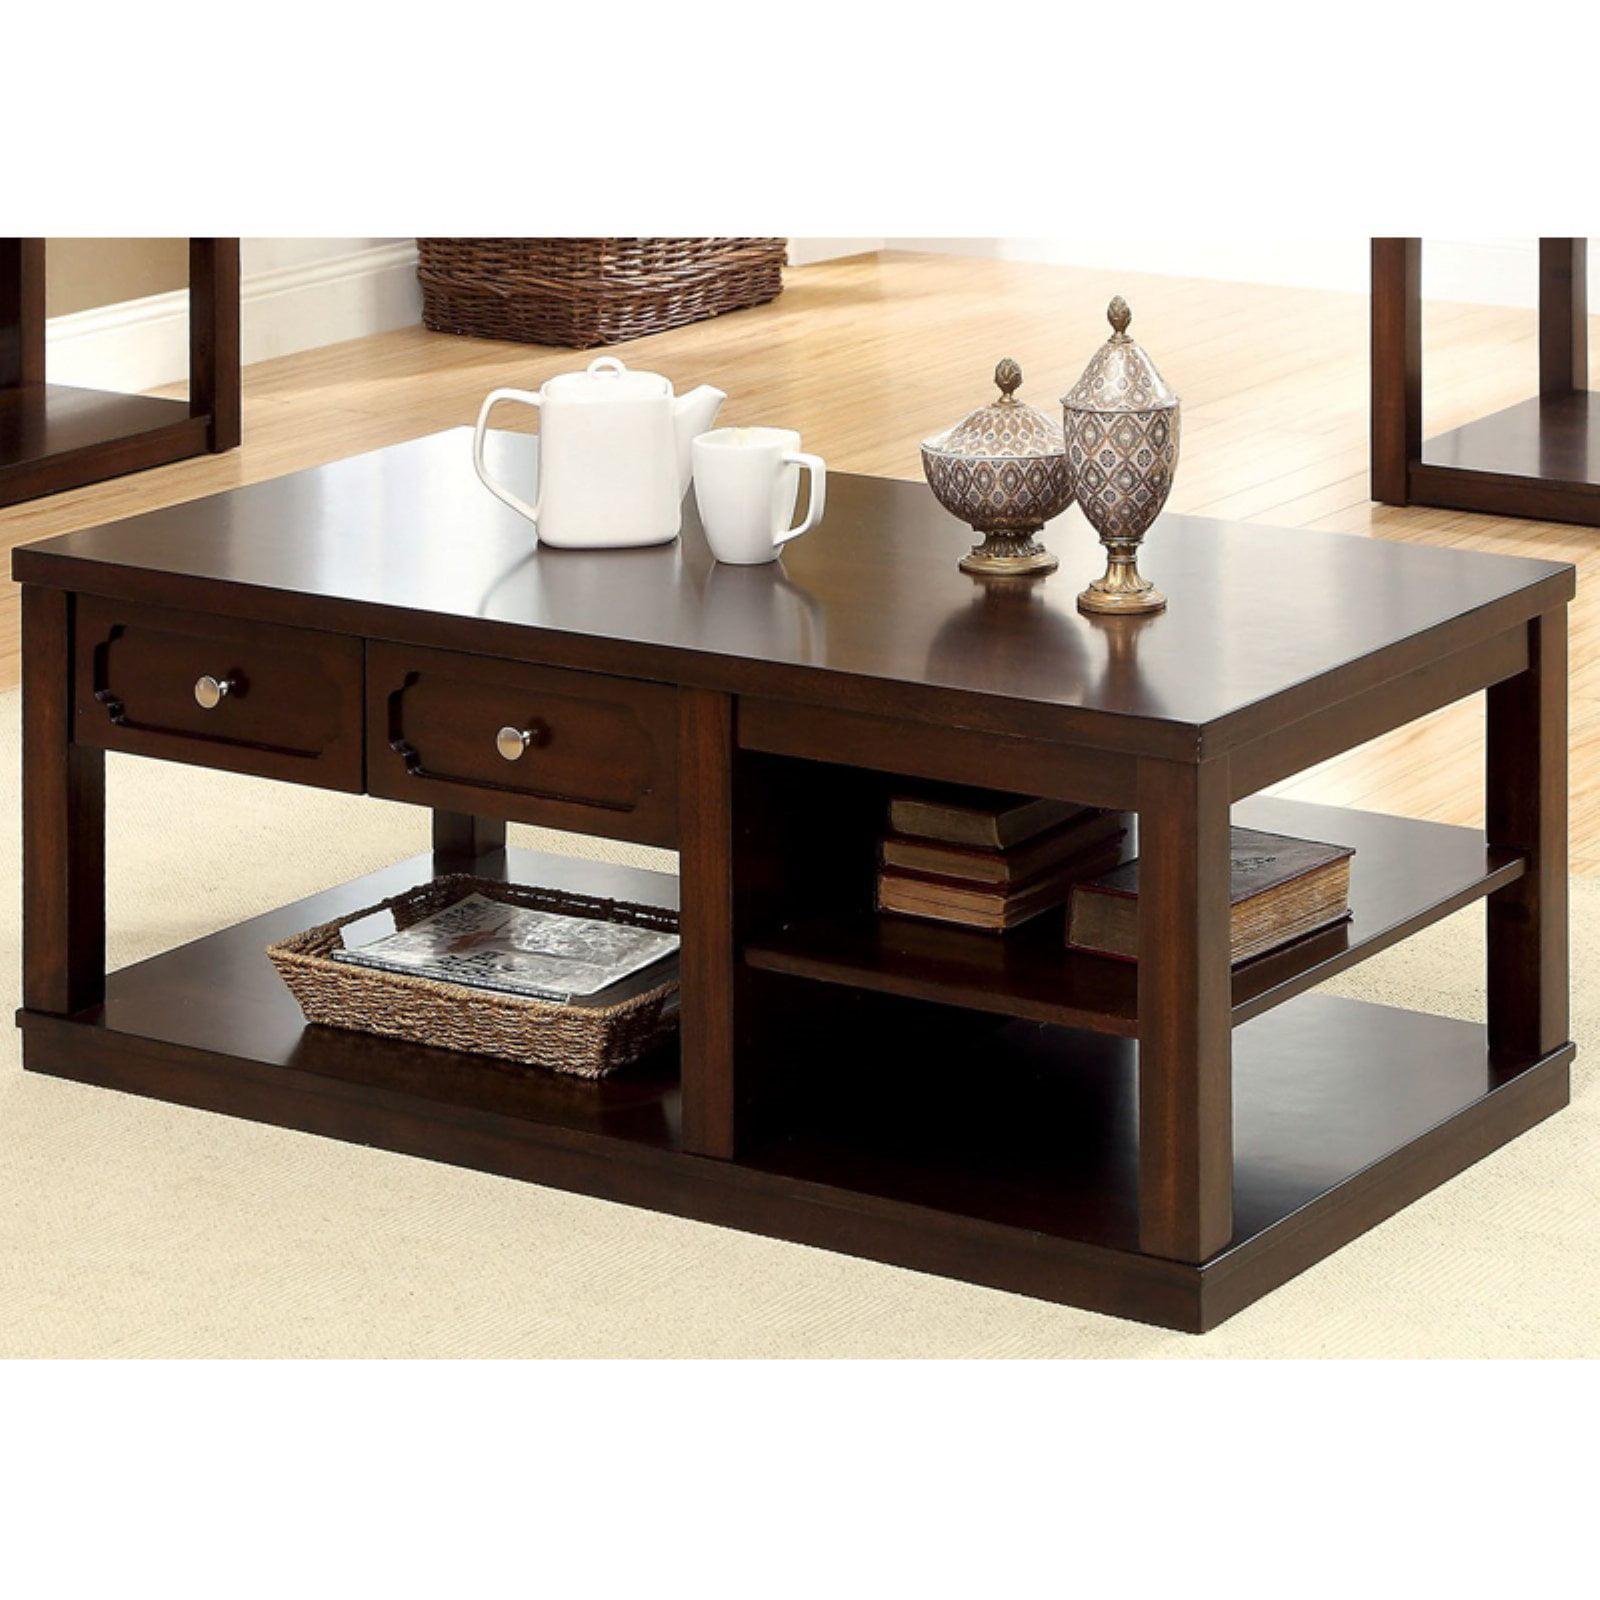 Furniture of America Tivolli Coffee Table - Brown Cherry ...